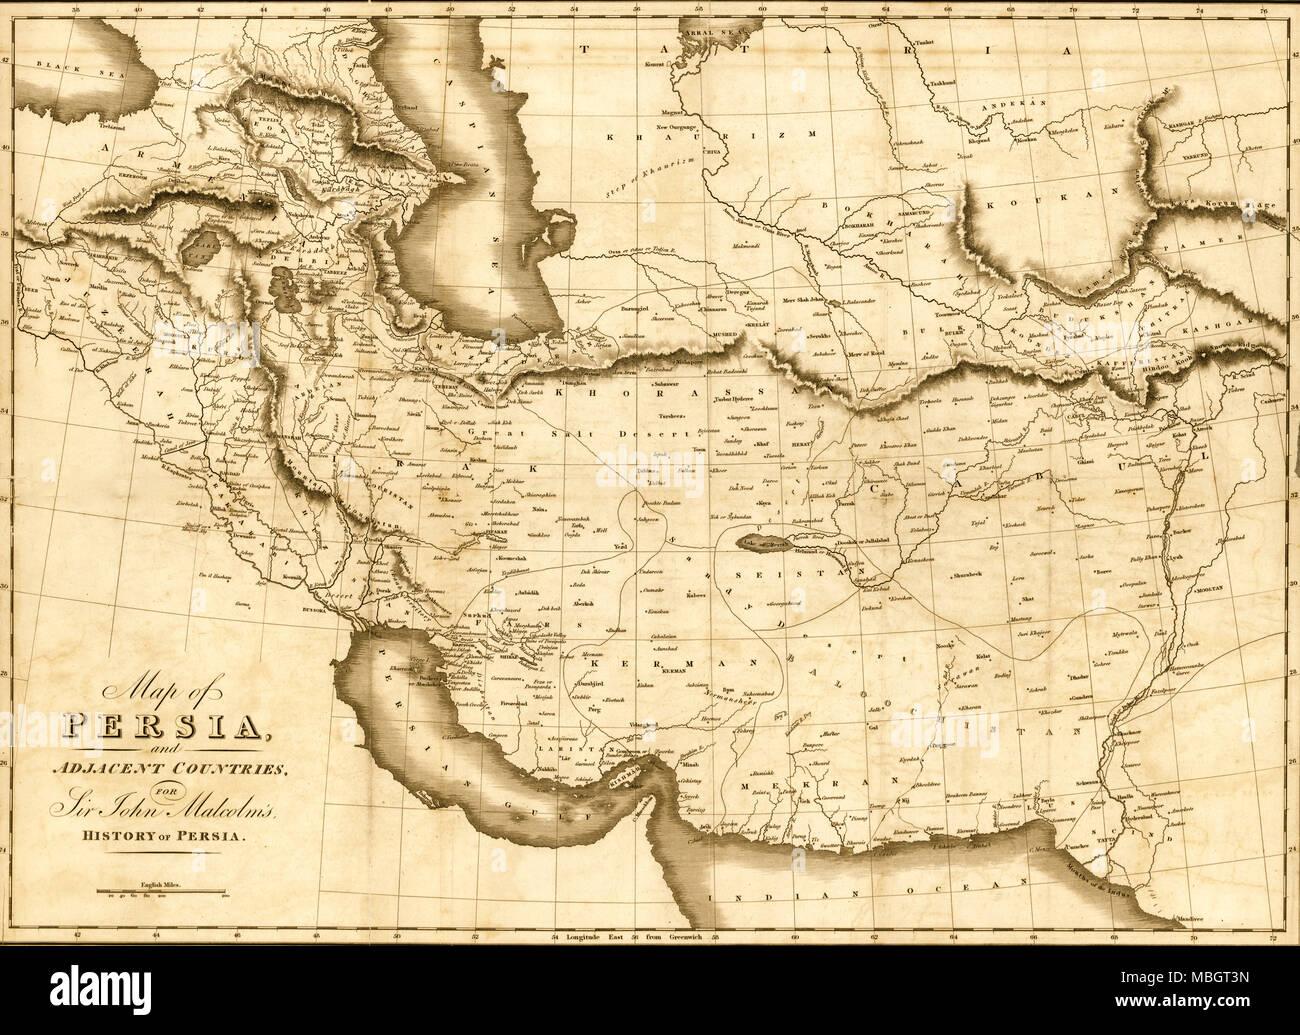 Persien Karte.Karte Von Persien Und Angrenzenden Ländern Für Sir John Malcolm Die